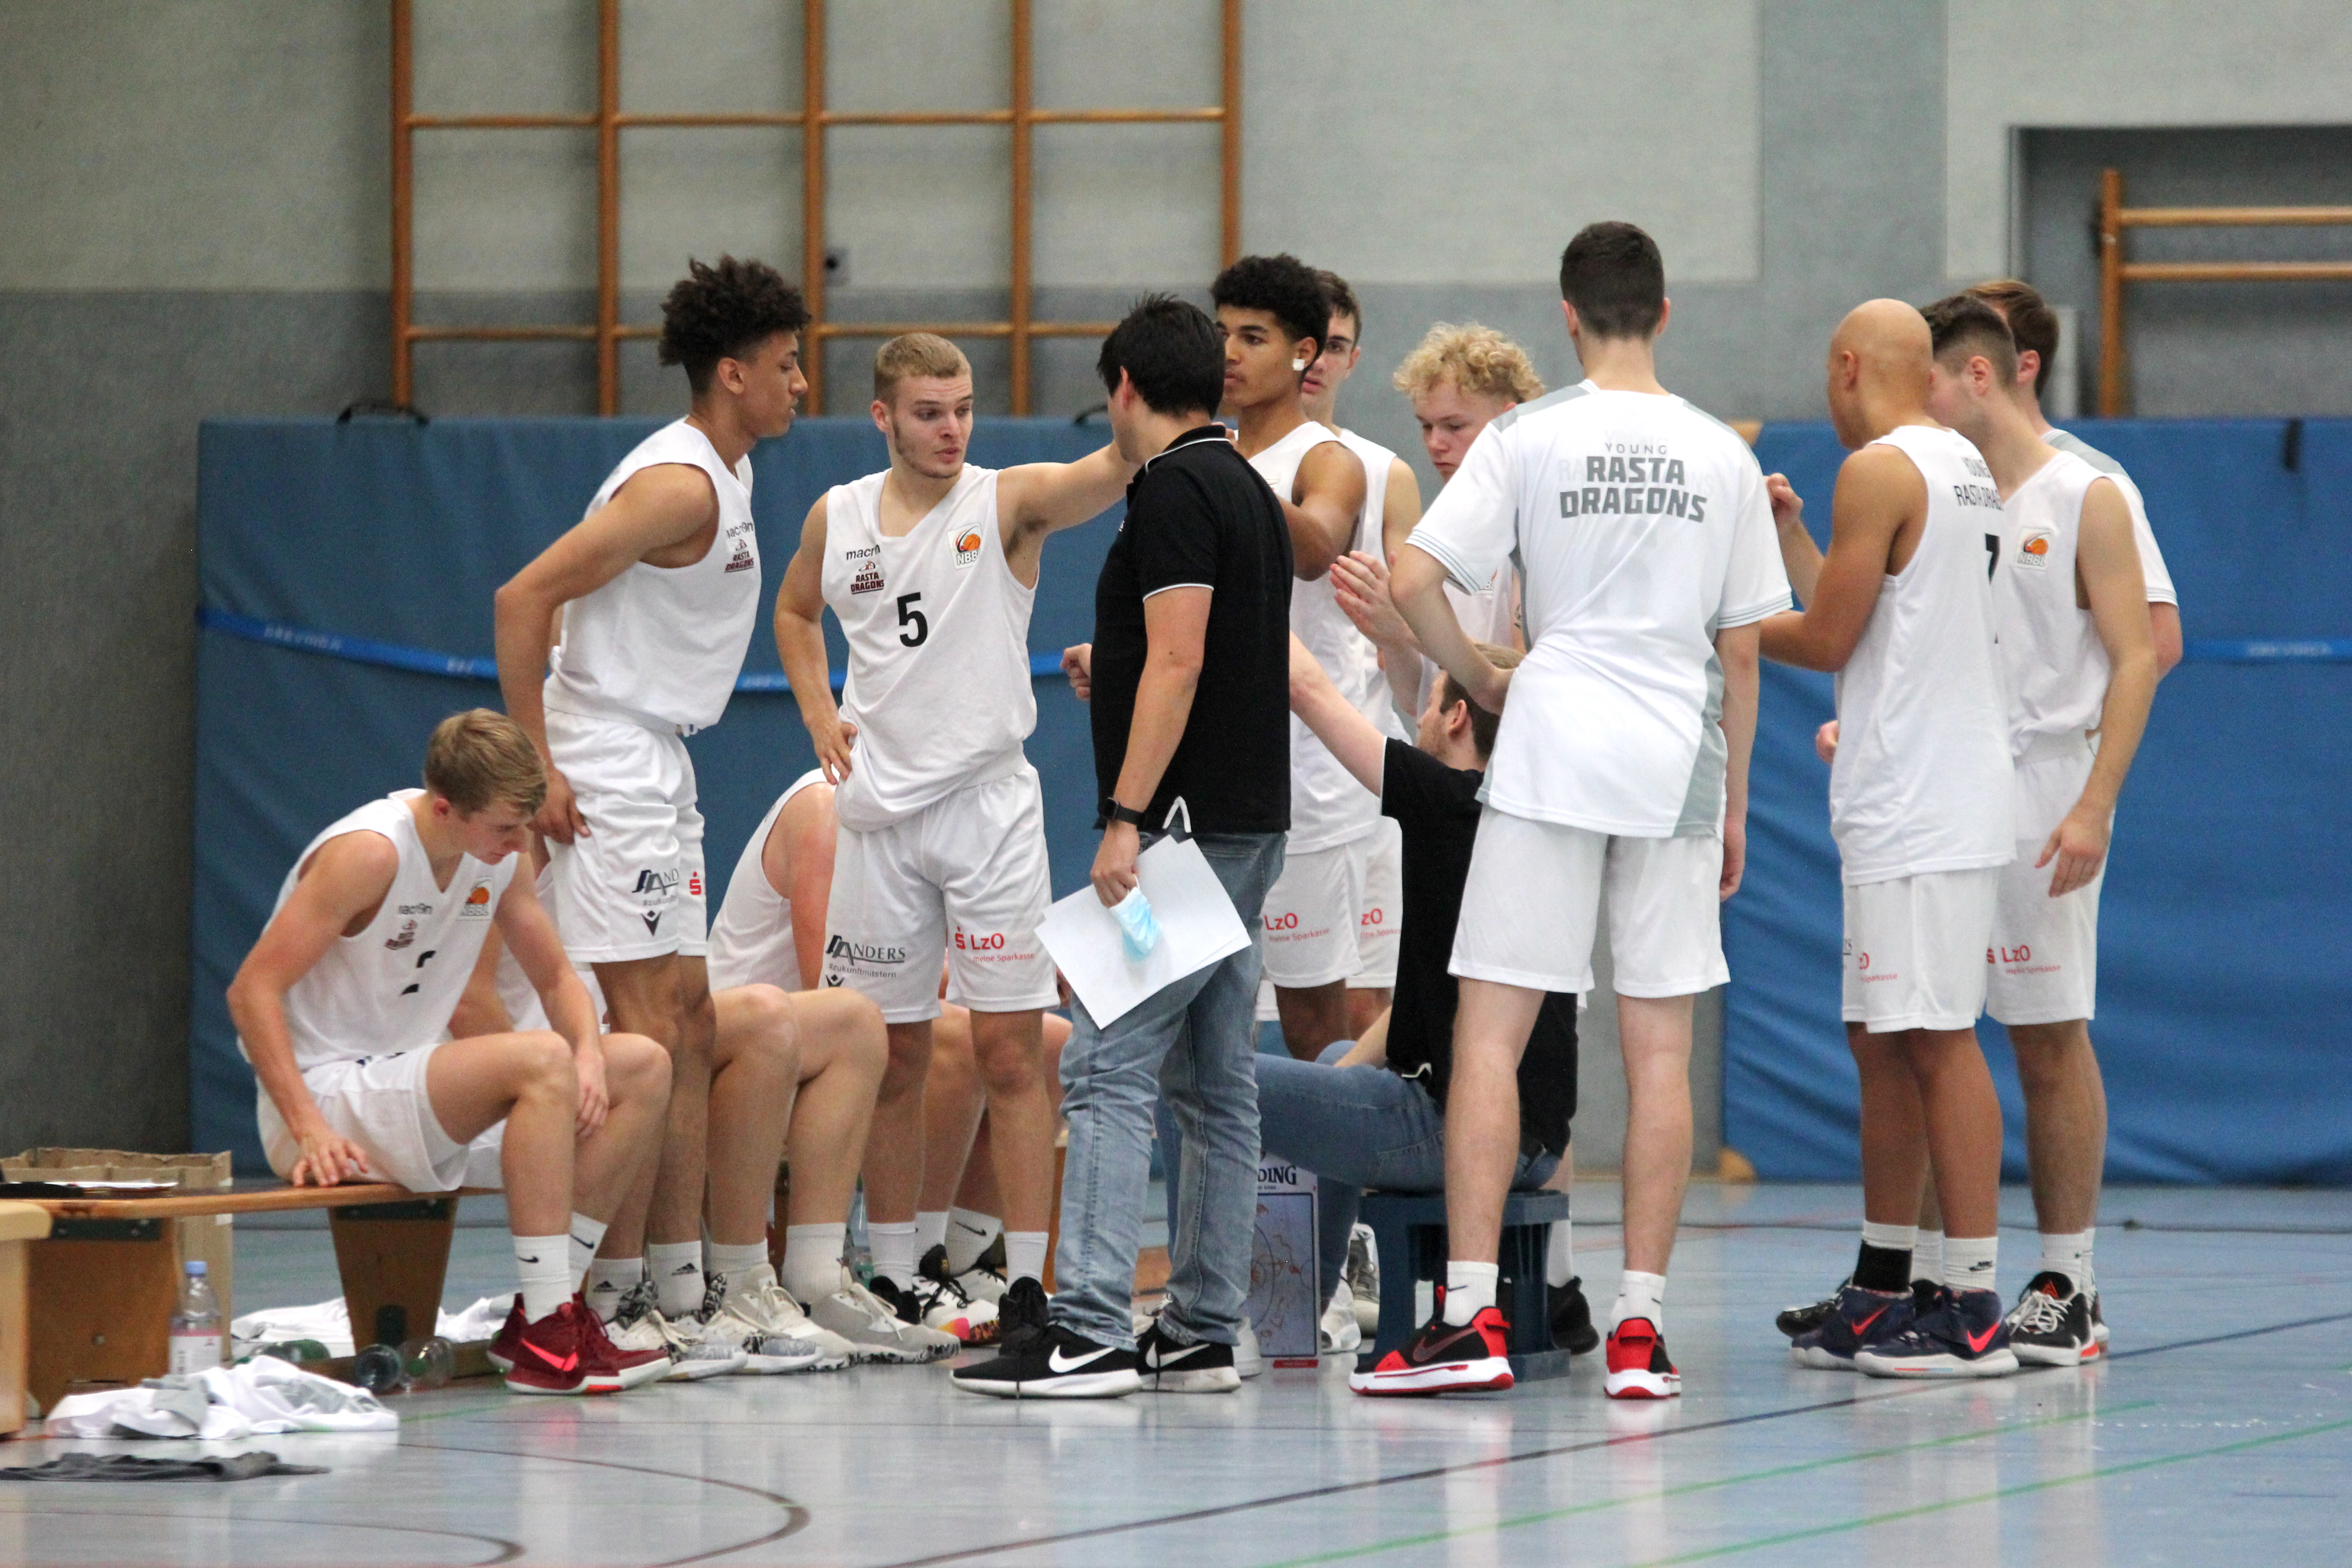 NBBL_20-21_YOUNG-RASTA-DRAGONS_Münster_Spieltag1_Auszeit